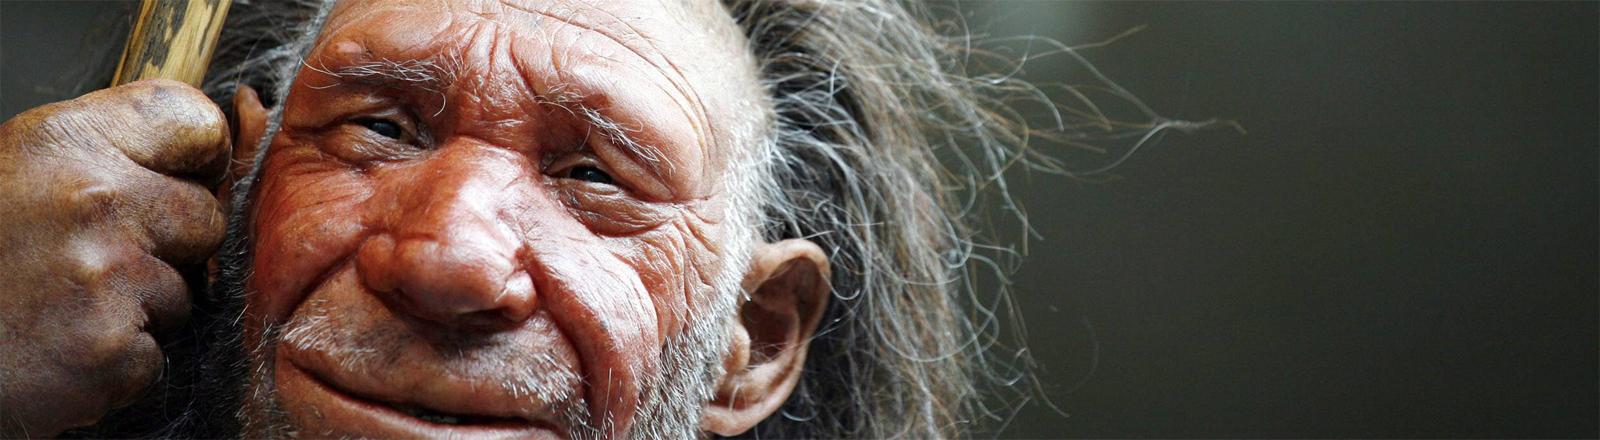 Nachbildung eines Neandertalers im Neandertal-Museum in Mettmann bei Düsseldorf